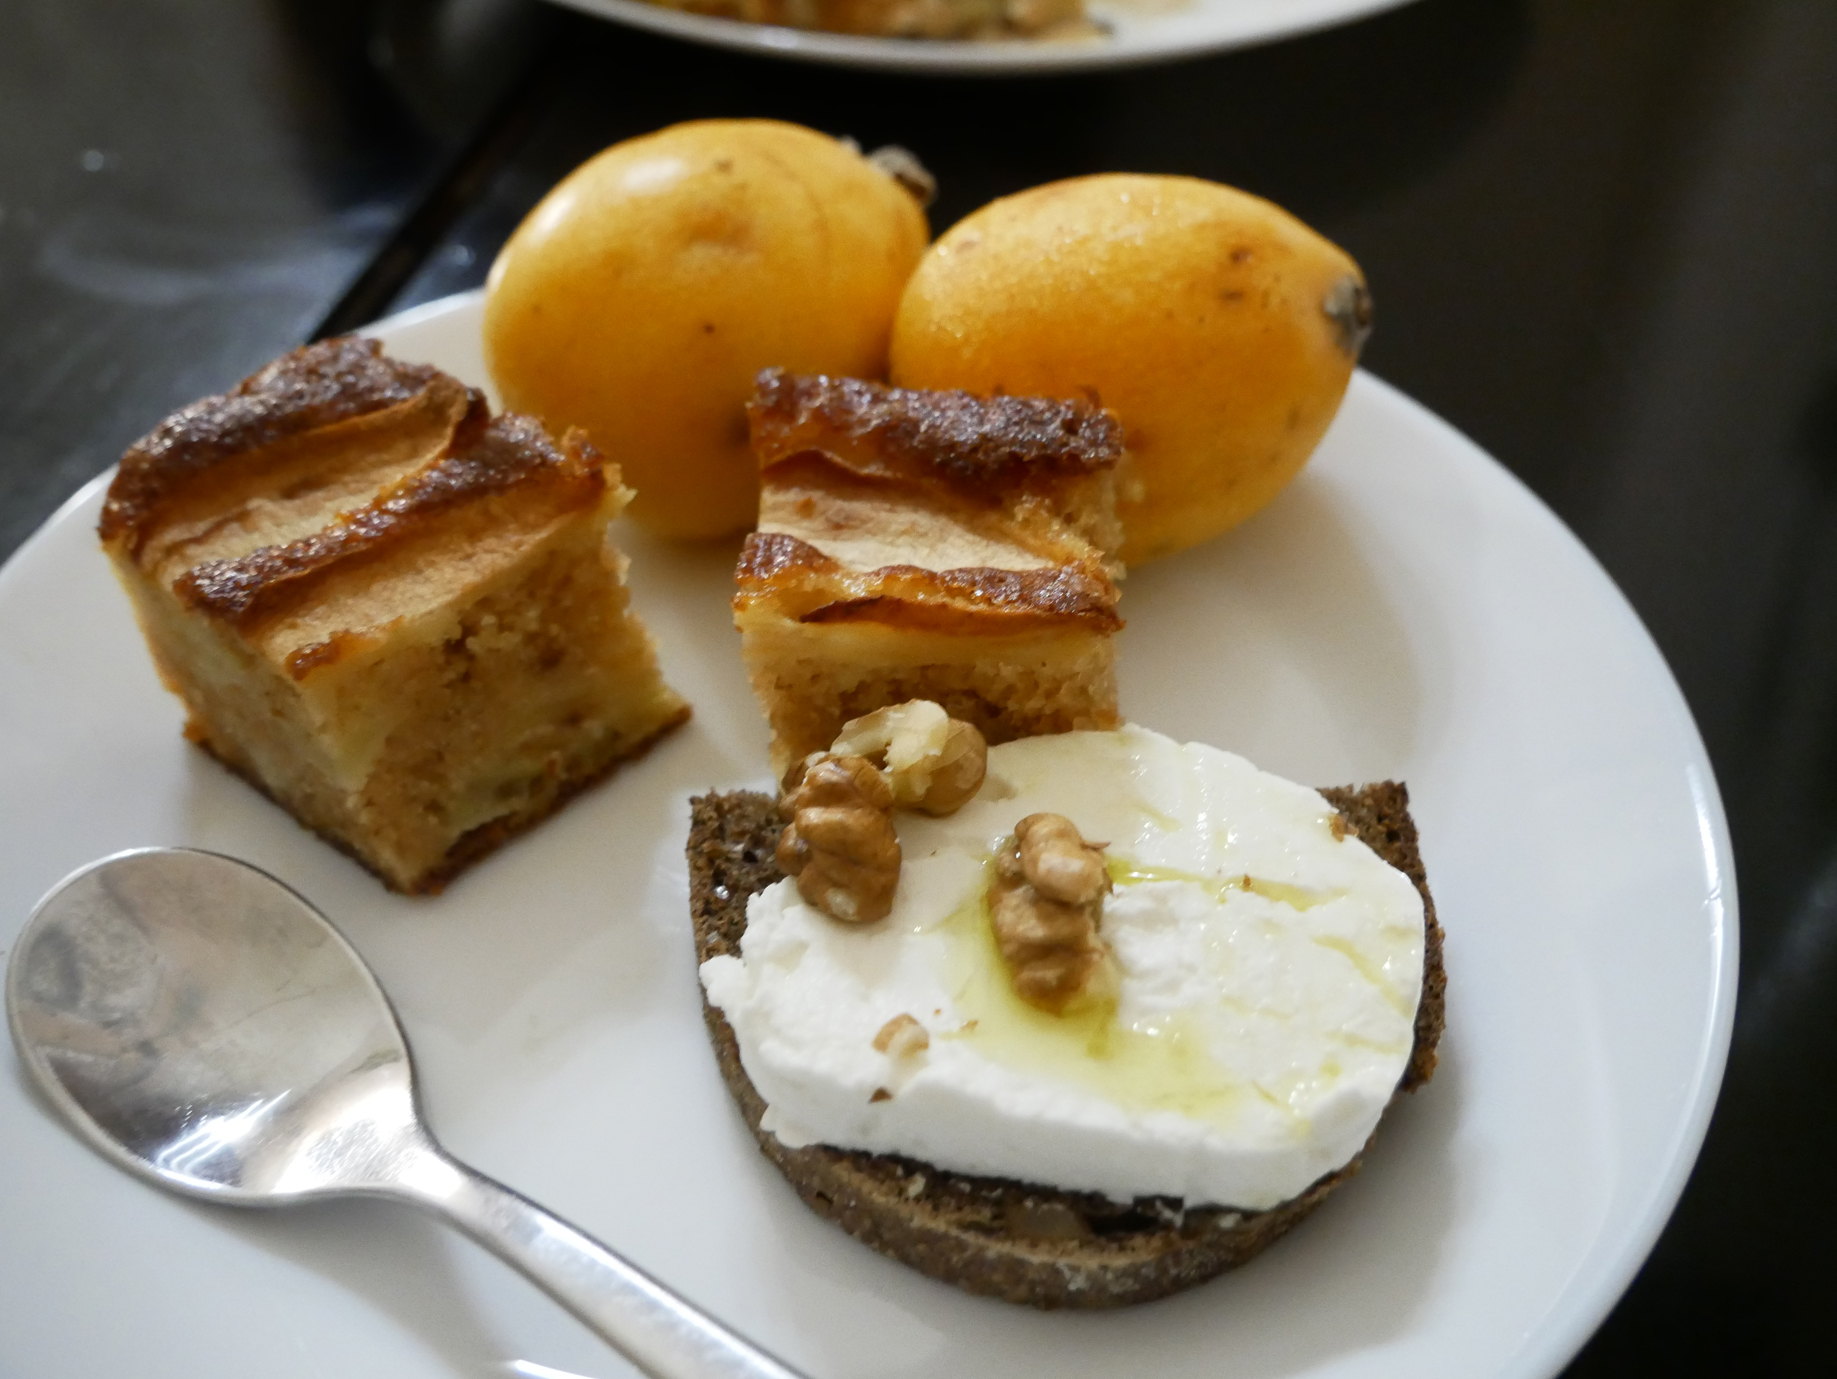 Beerba dessert